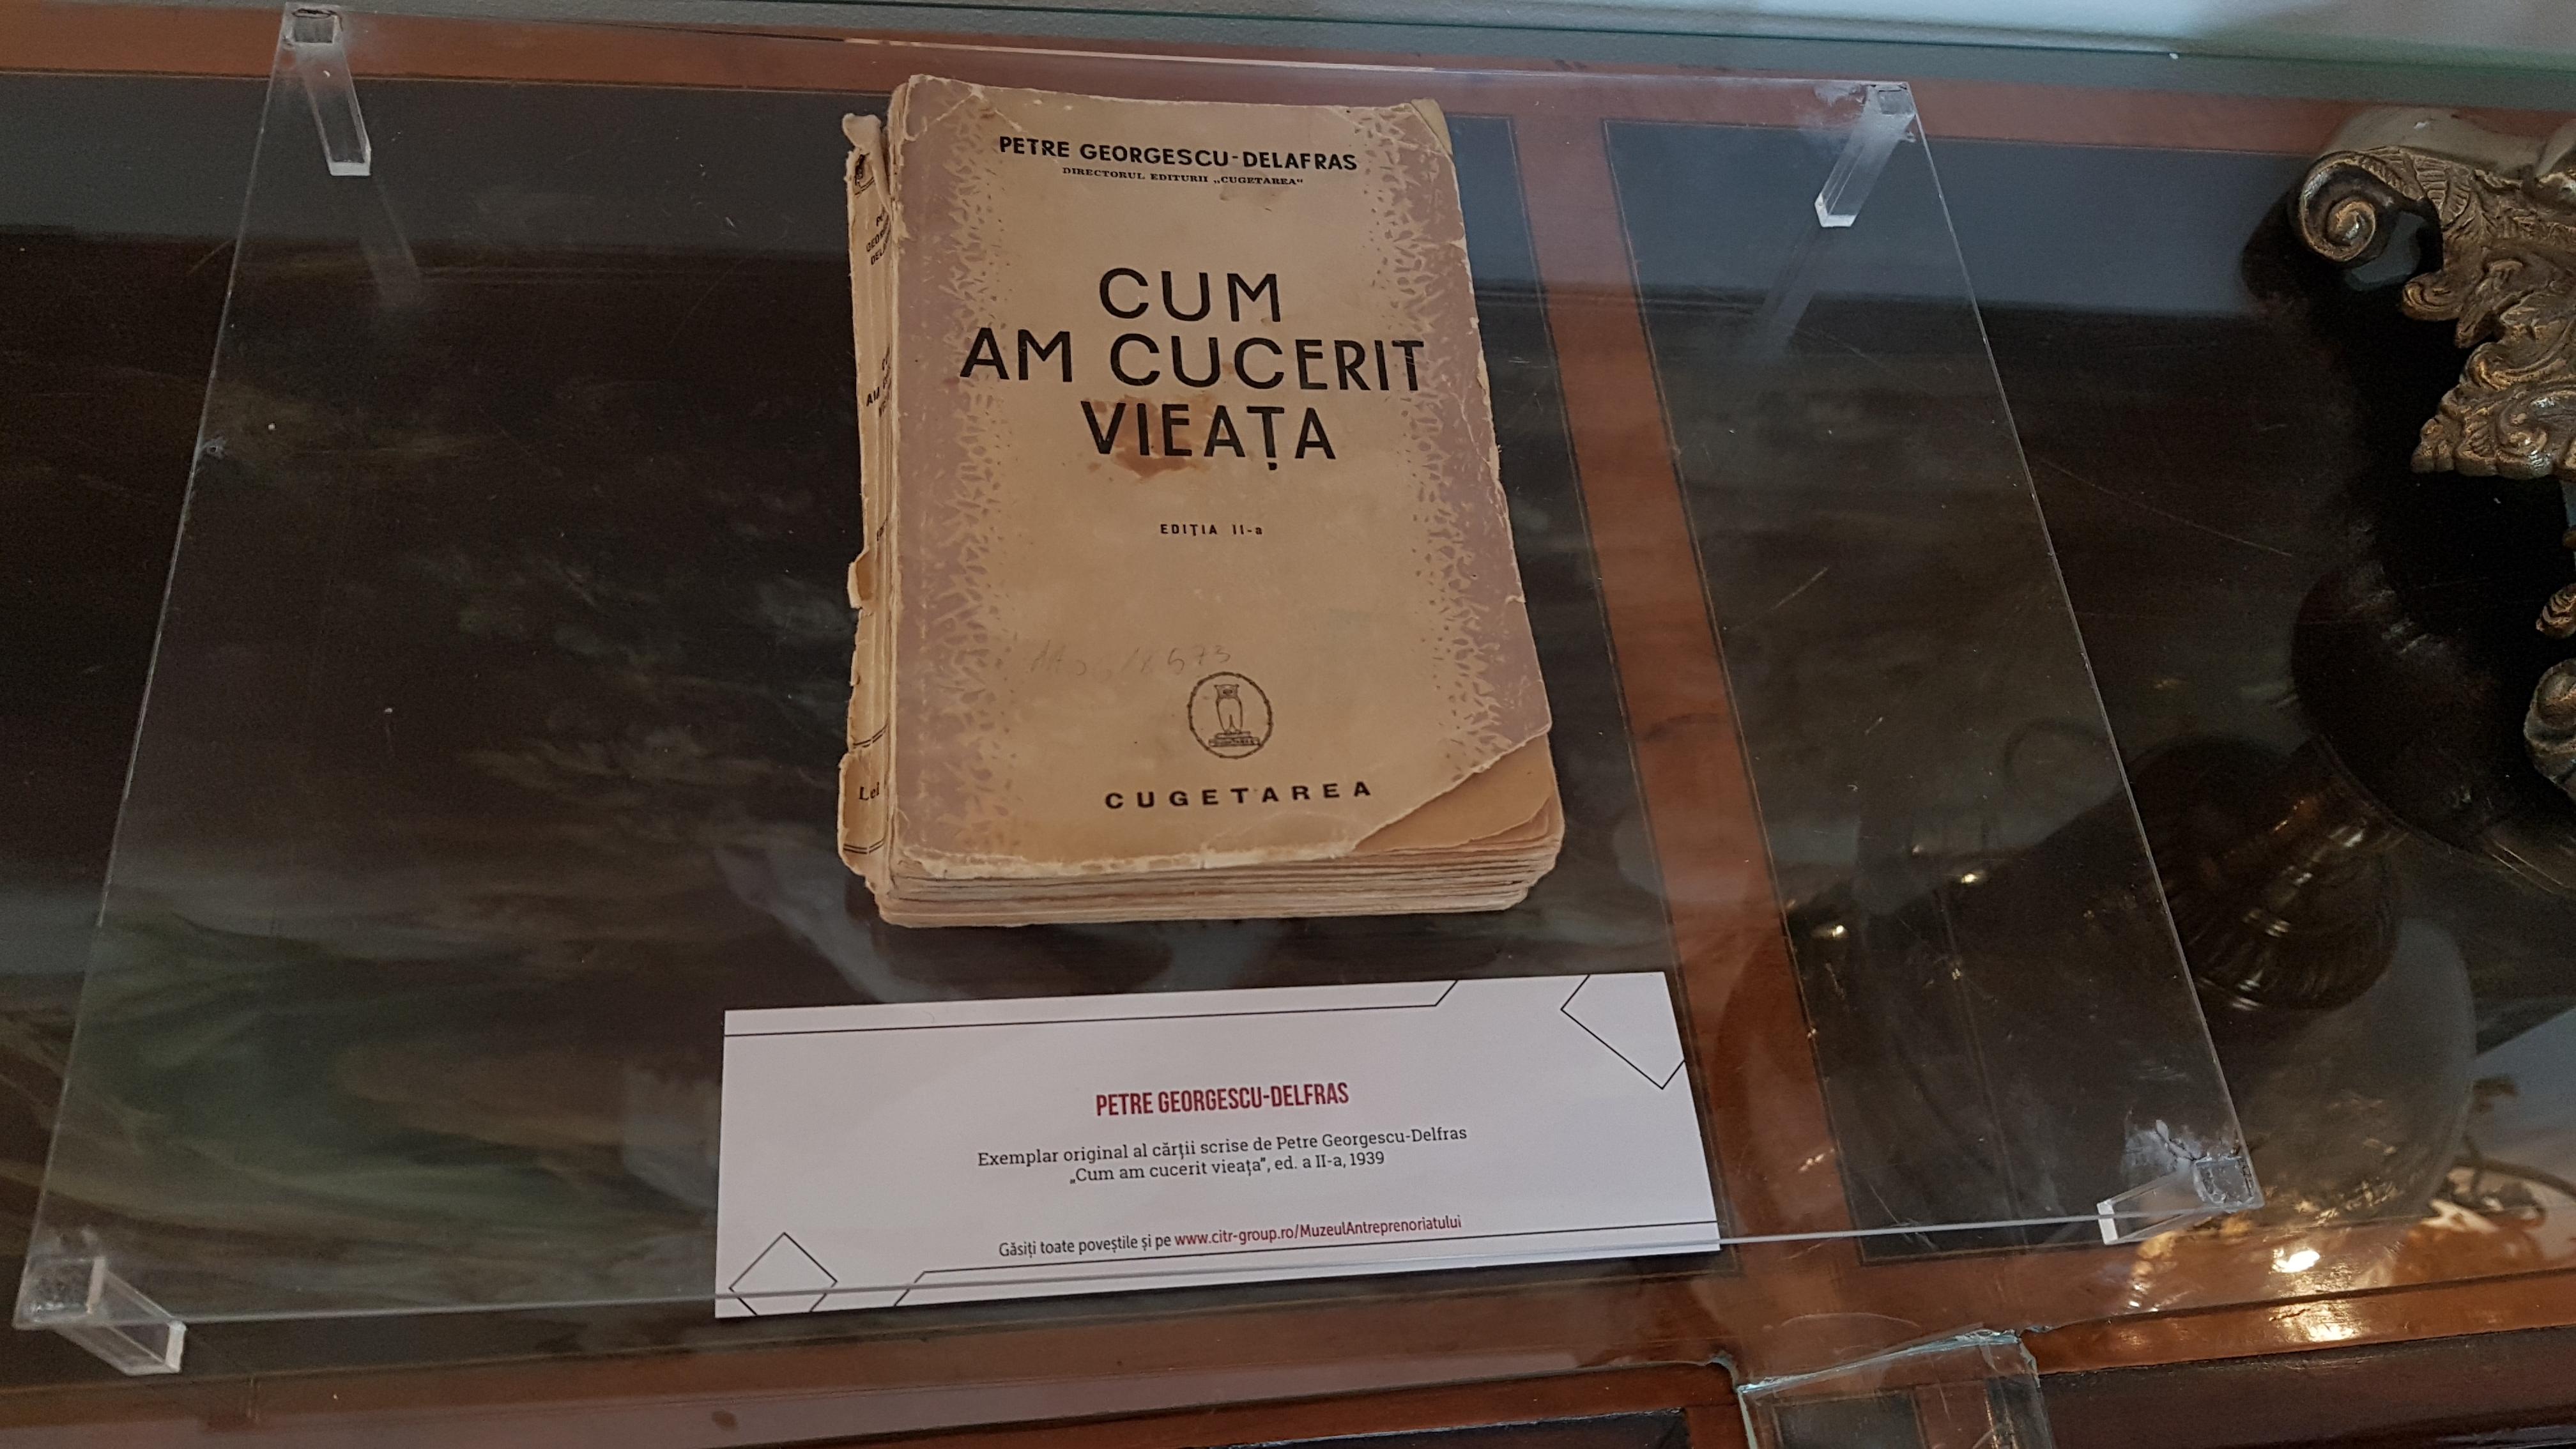 'Cum am cucerit vieața', carte de Petre Georgescu-Delafras, proprietarul editurii Cugetarea, una dintre cele mai mari din România interbelică